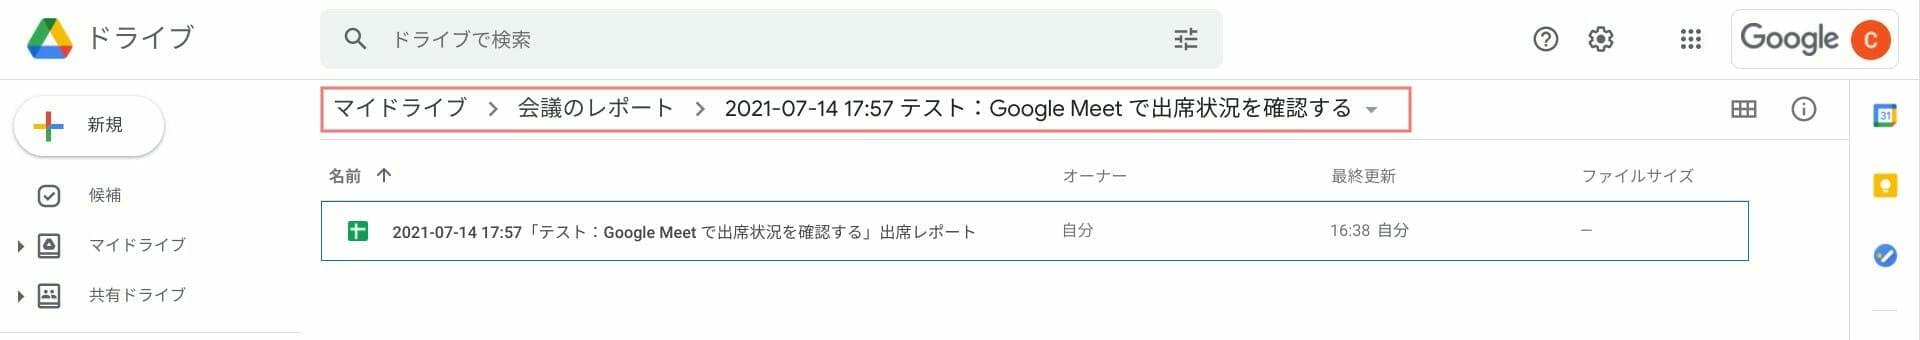 Google Drive:マイドライブに出席レポートが保存される